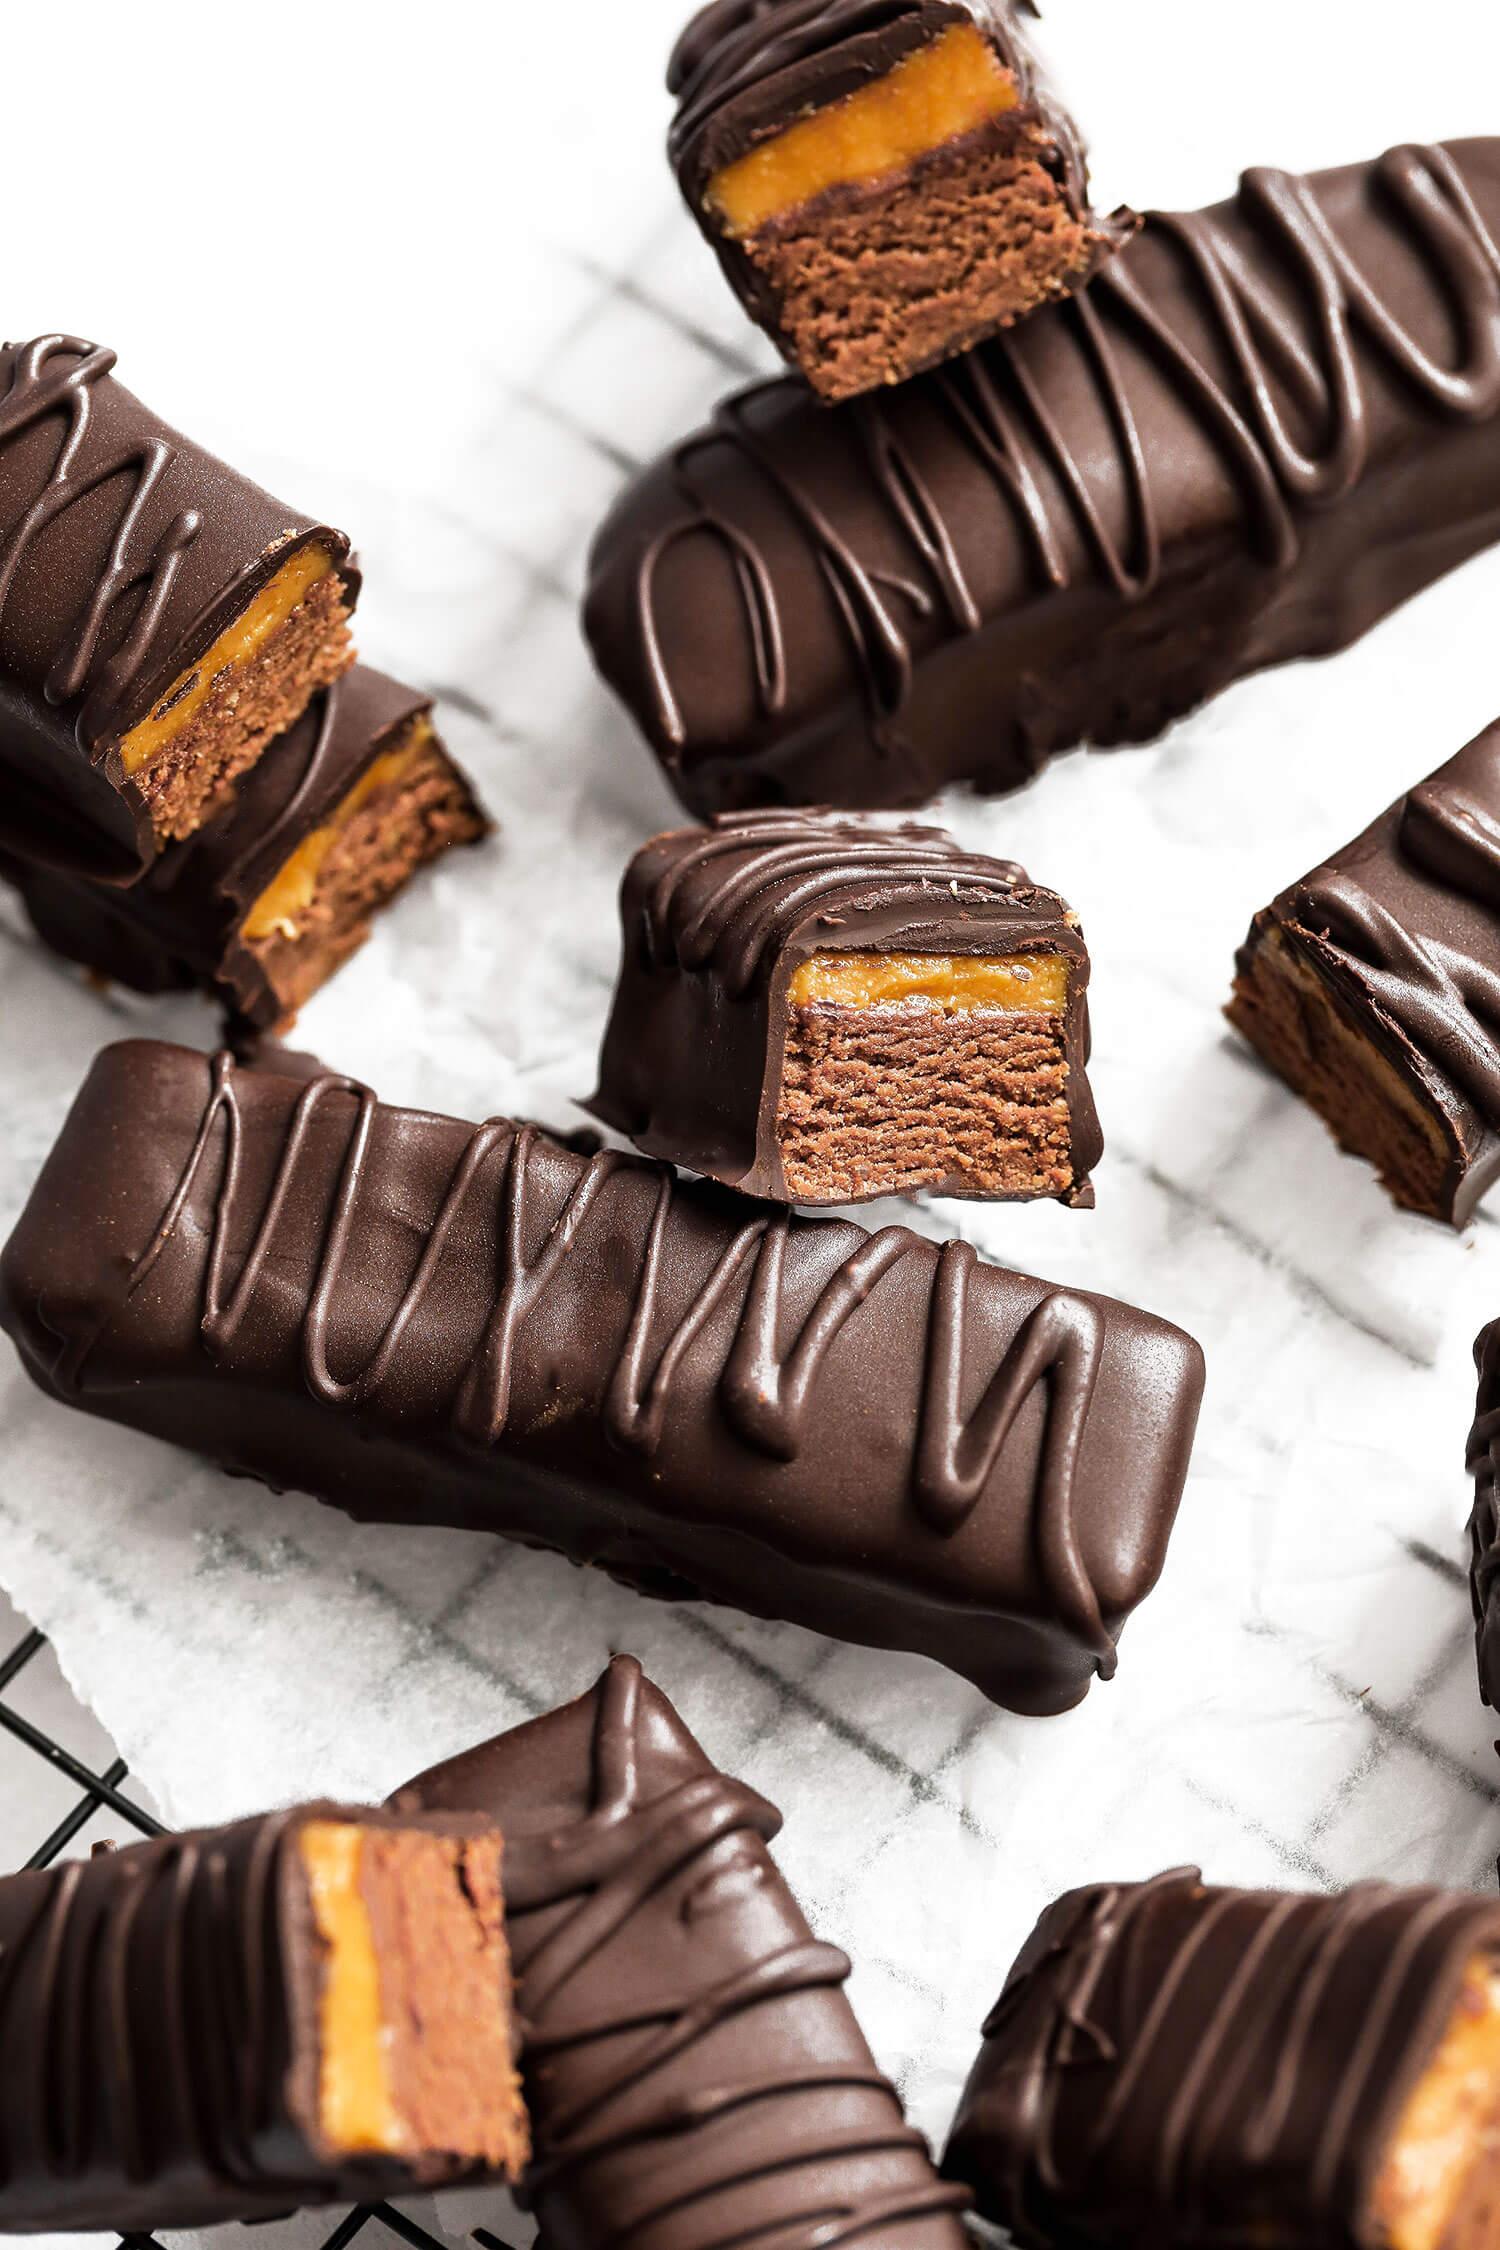 Barras de proteína vegana de chocolate com caramelo salgado - UK Health Blog 7